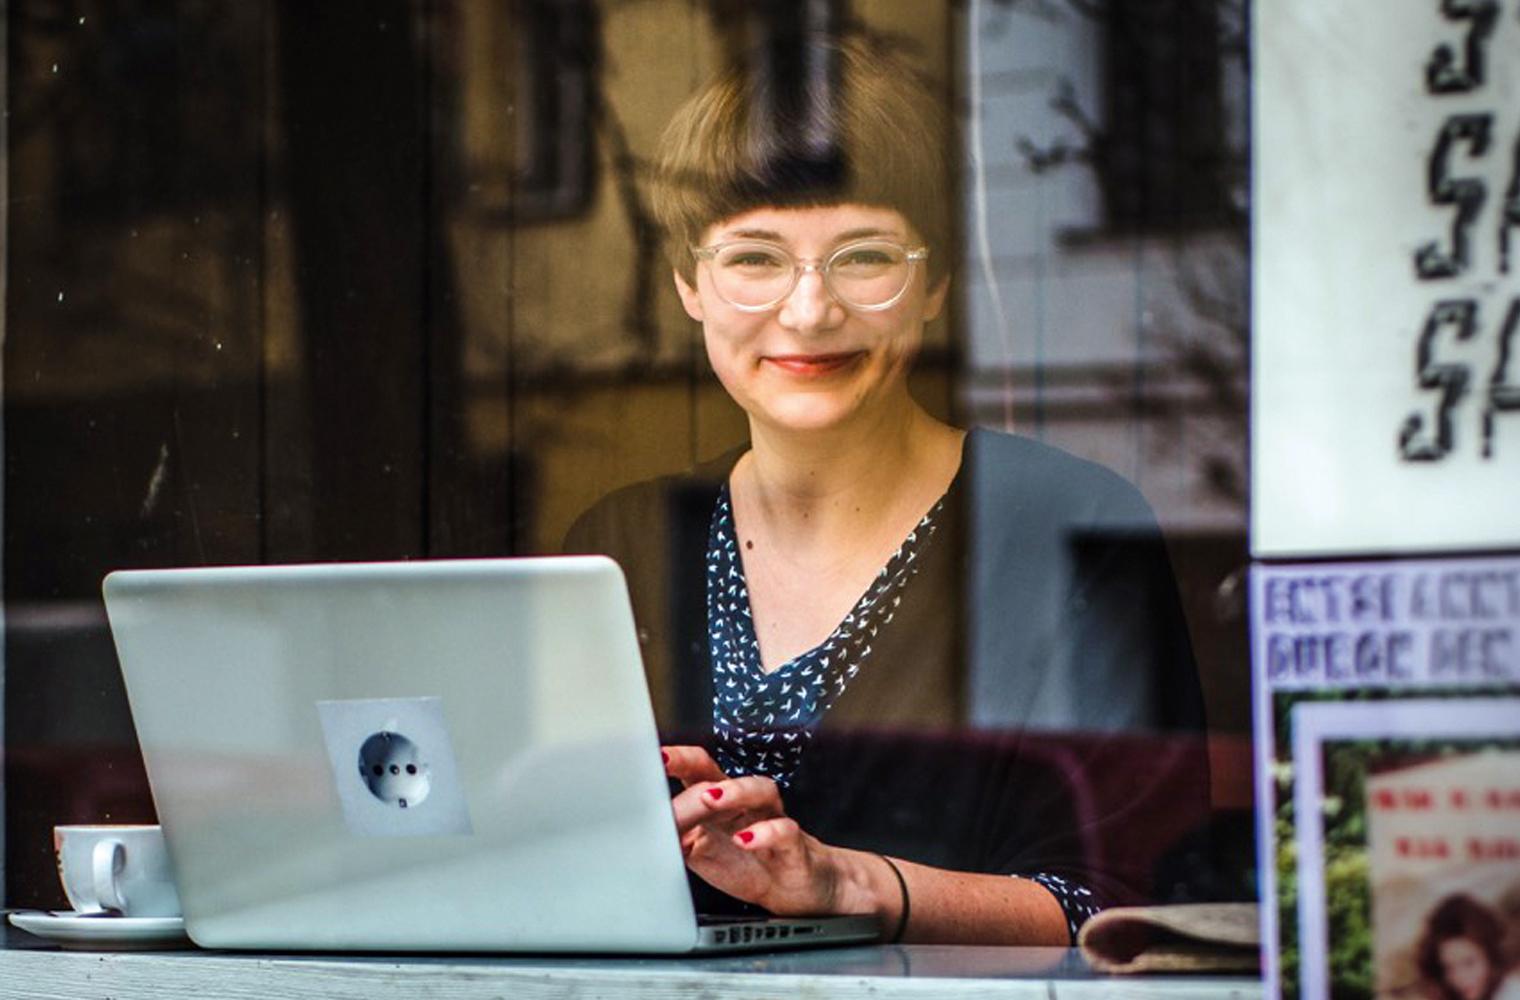 Die Journalistin und Bloggerin Mareice Kaiser sitzt hinter einem großen Fenster und arbeitet am Computer. - Foto: Carolin Weinkopf